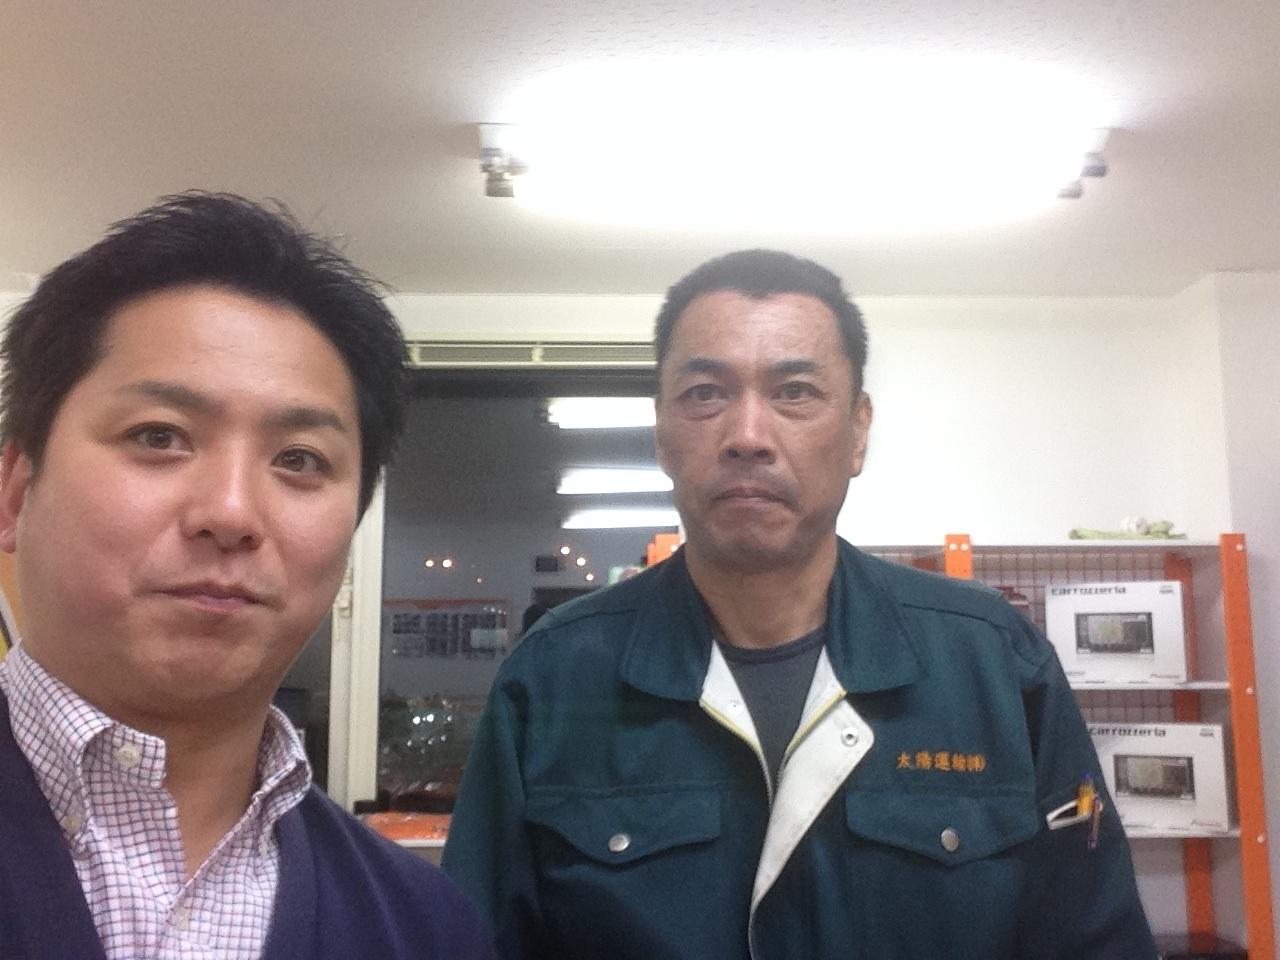 ノア・ヴォクシー・タント・ラパン・ライフ・軽自動車・店長クマブログ_b0127002_18222218.jpg